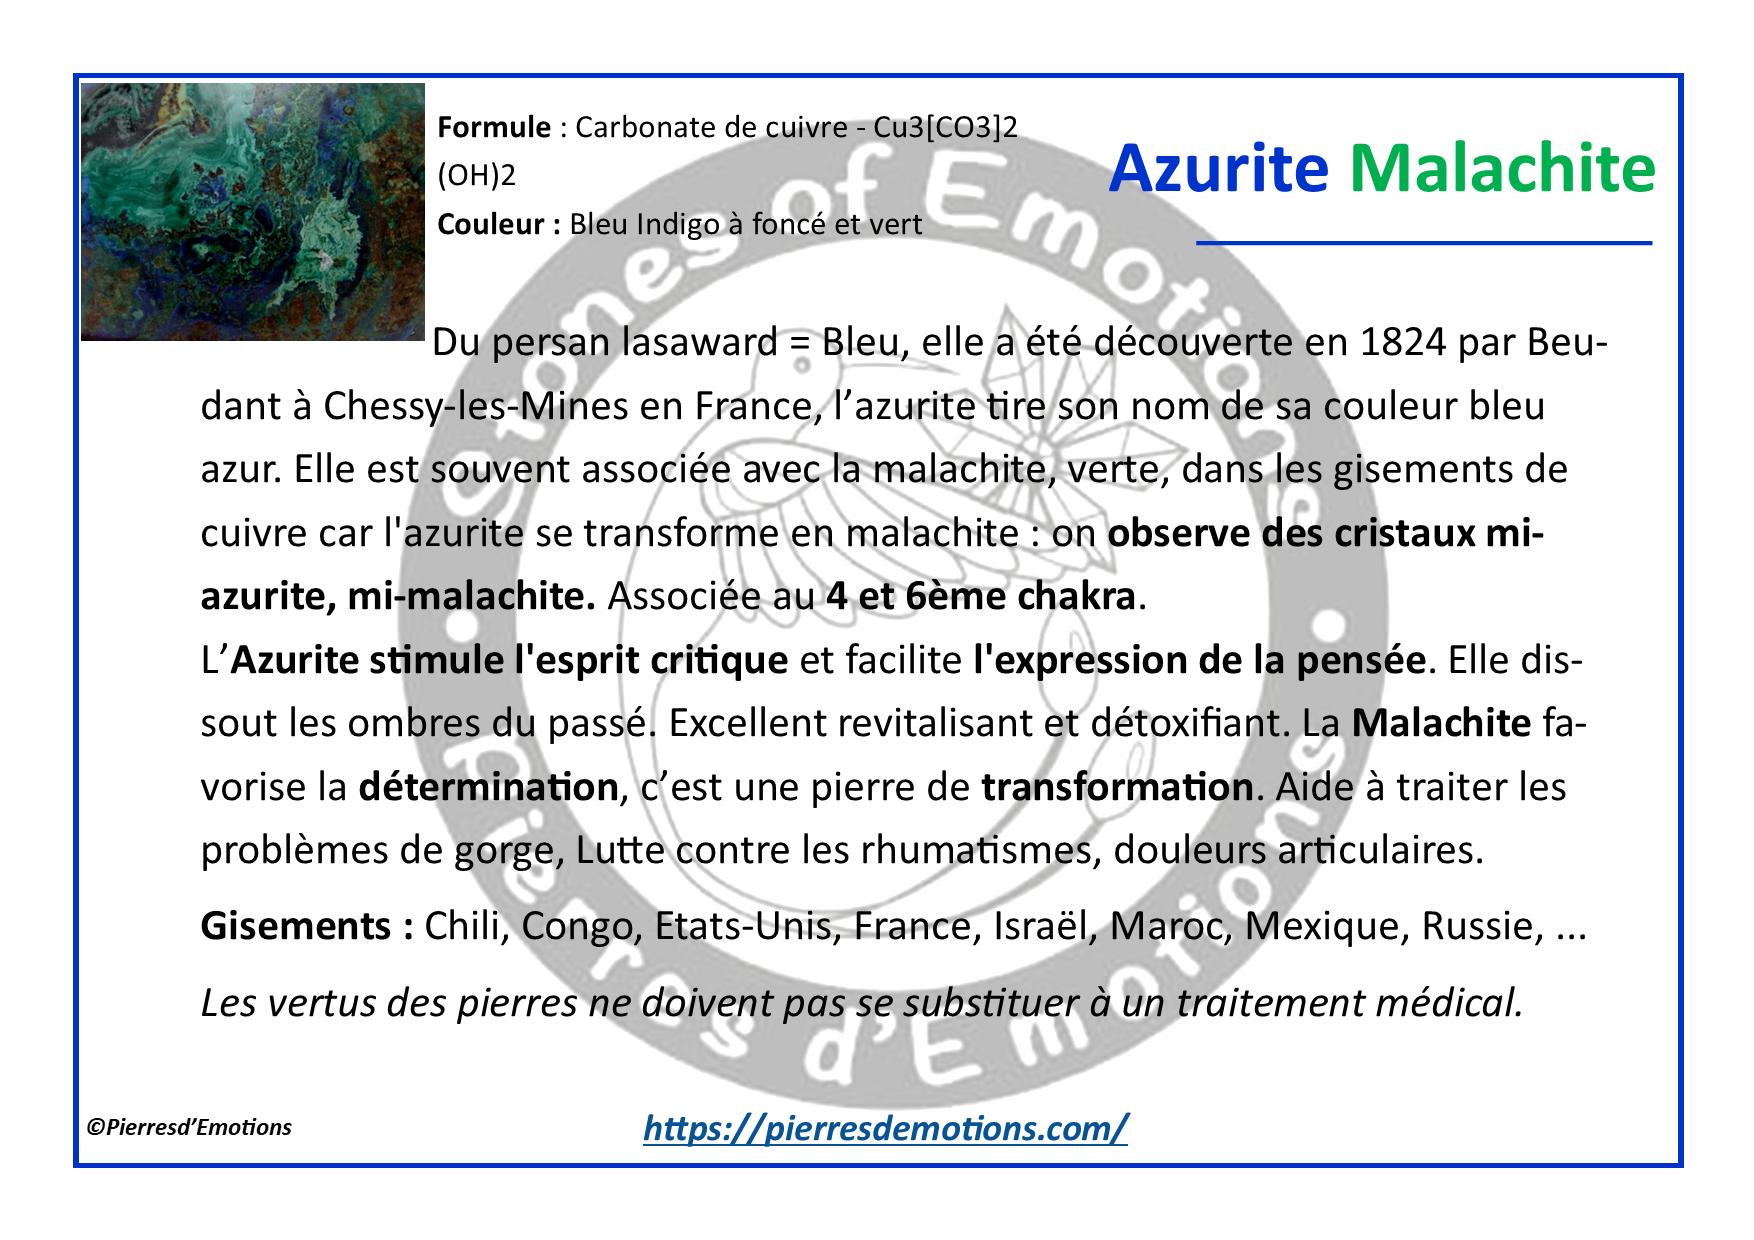 AzuriteMalachite